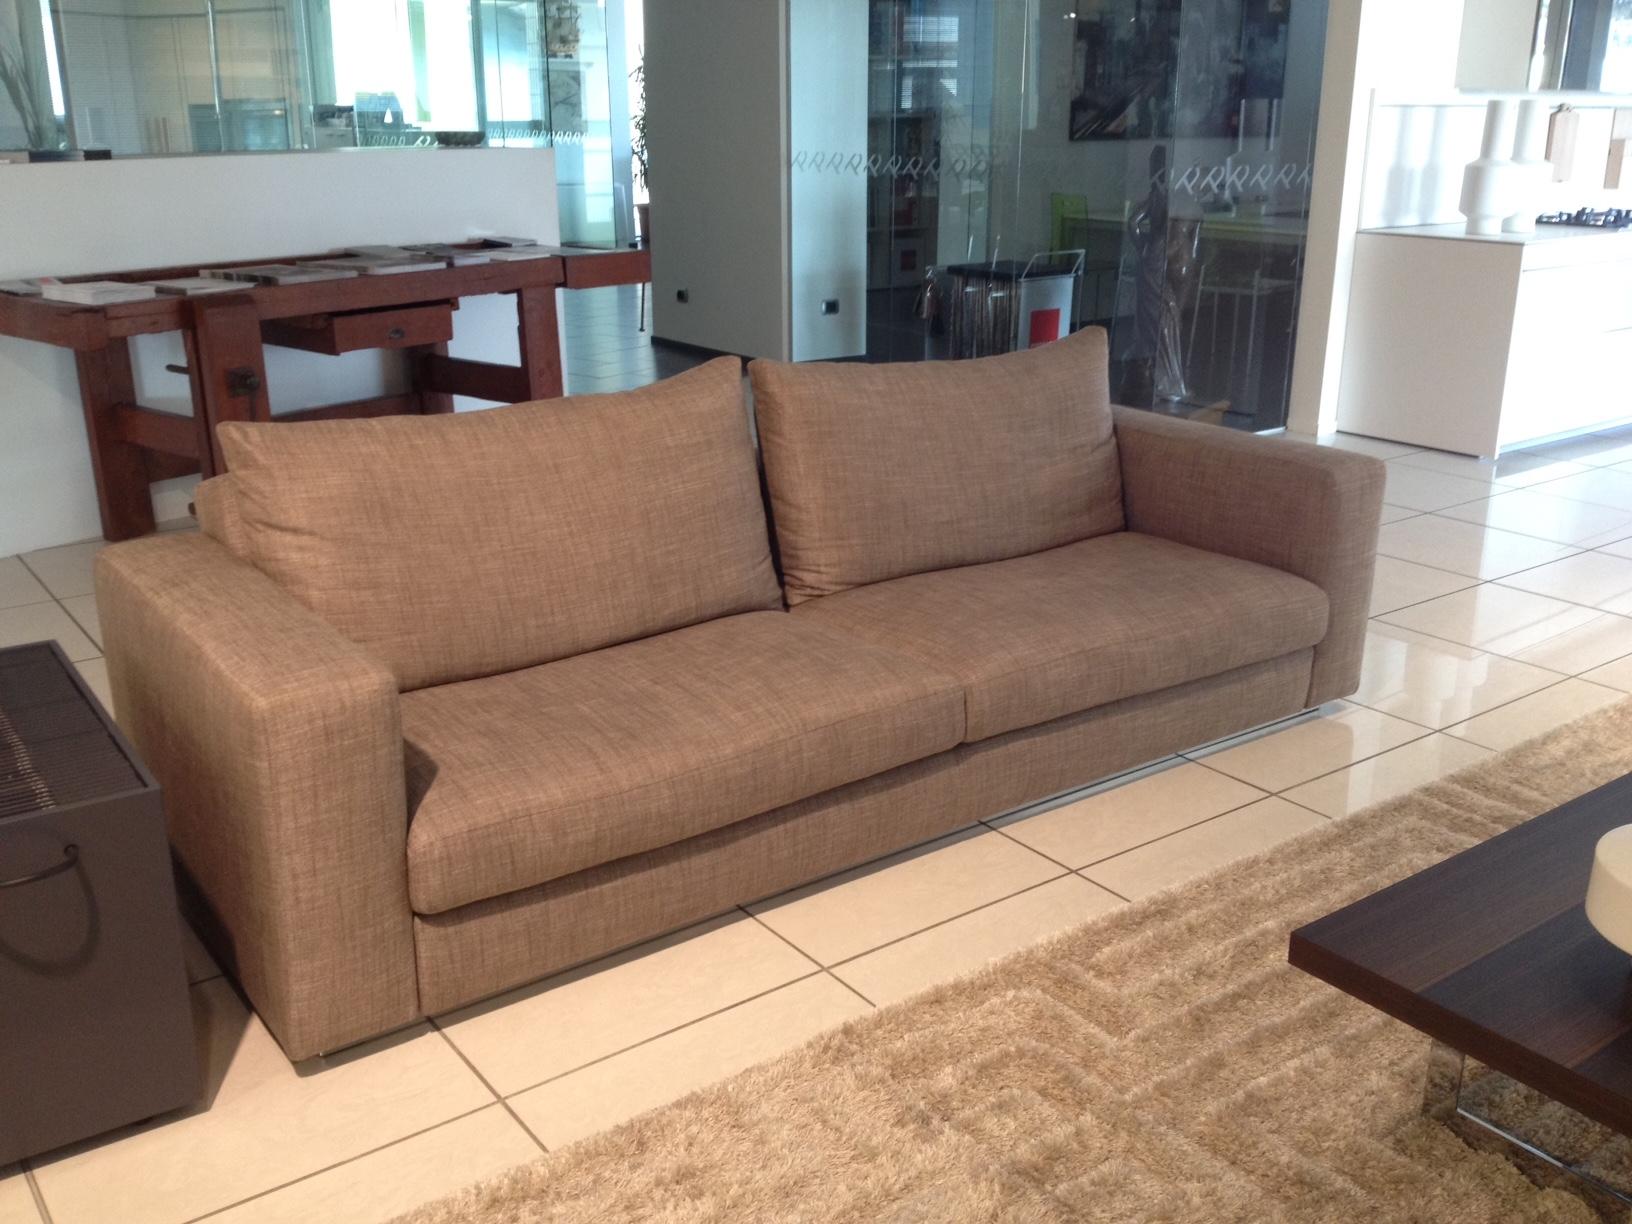 Divani Molteni Prezzi : Divano molteni c reversi divani a prezzi scontati